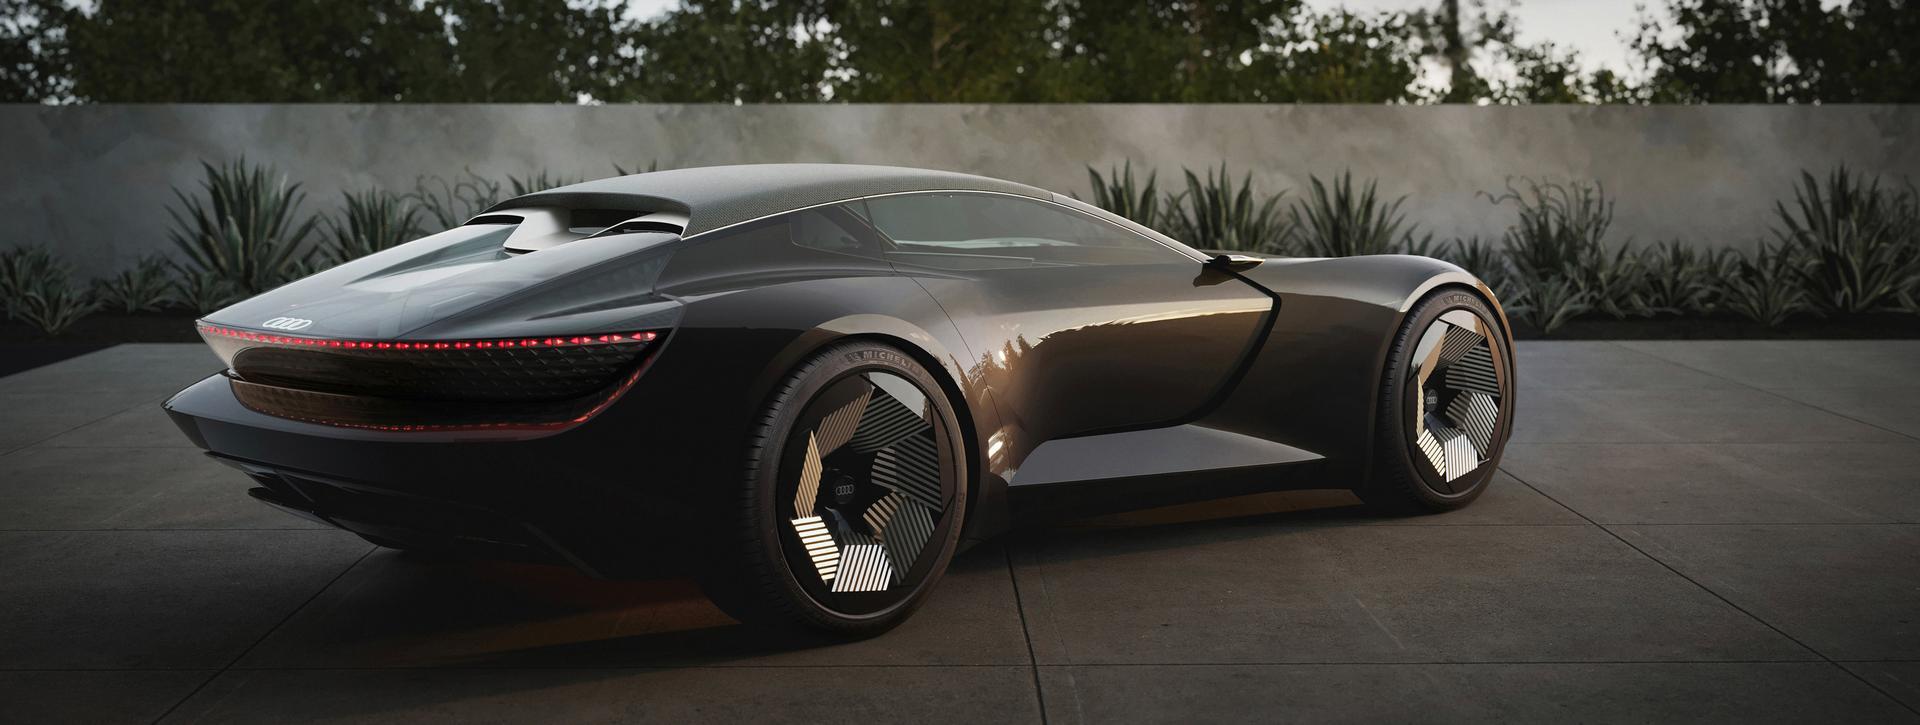 Audi skysphere rear